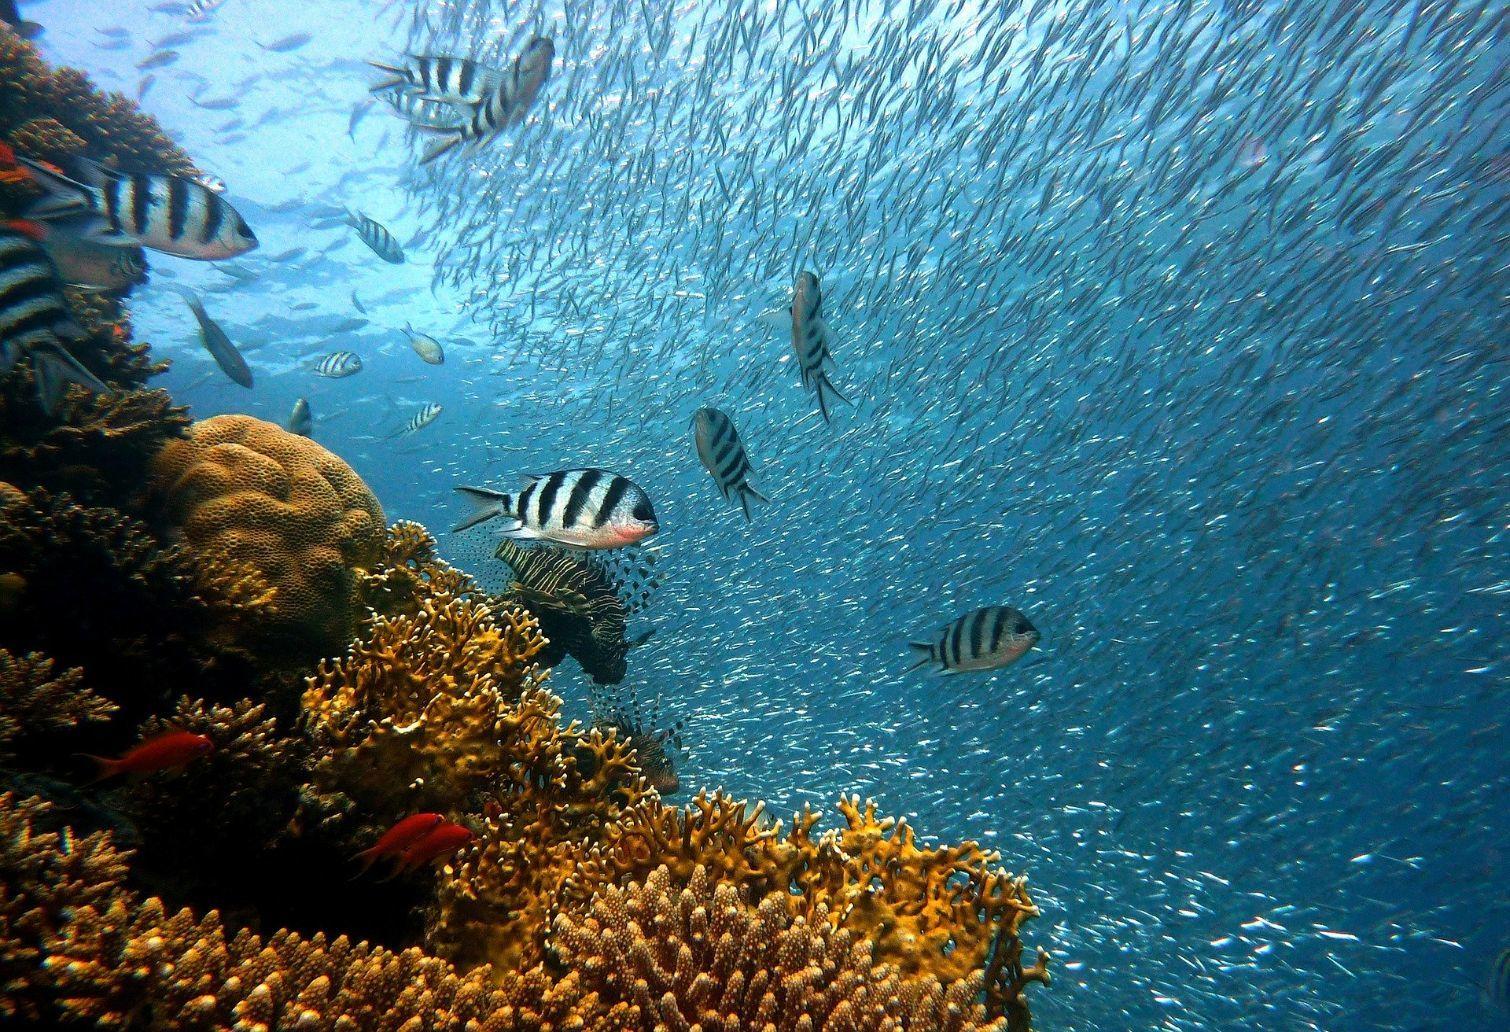 Fish in the sea 1